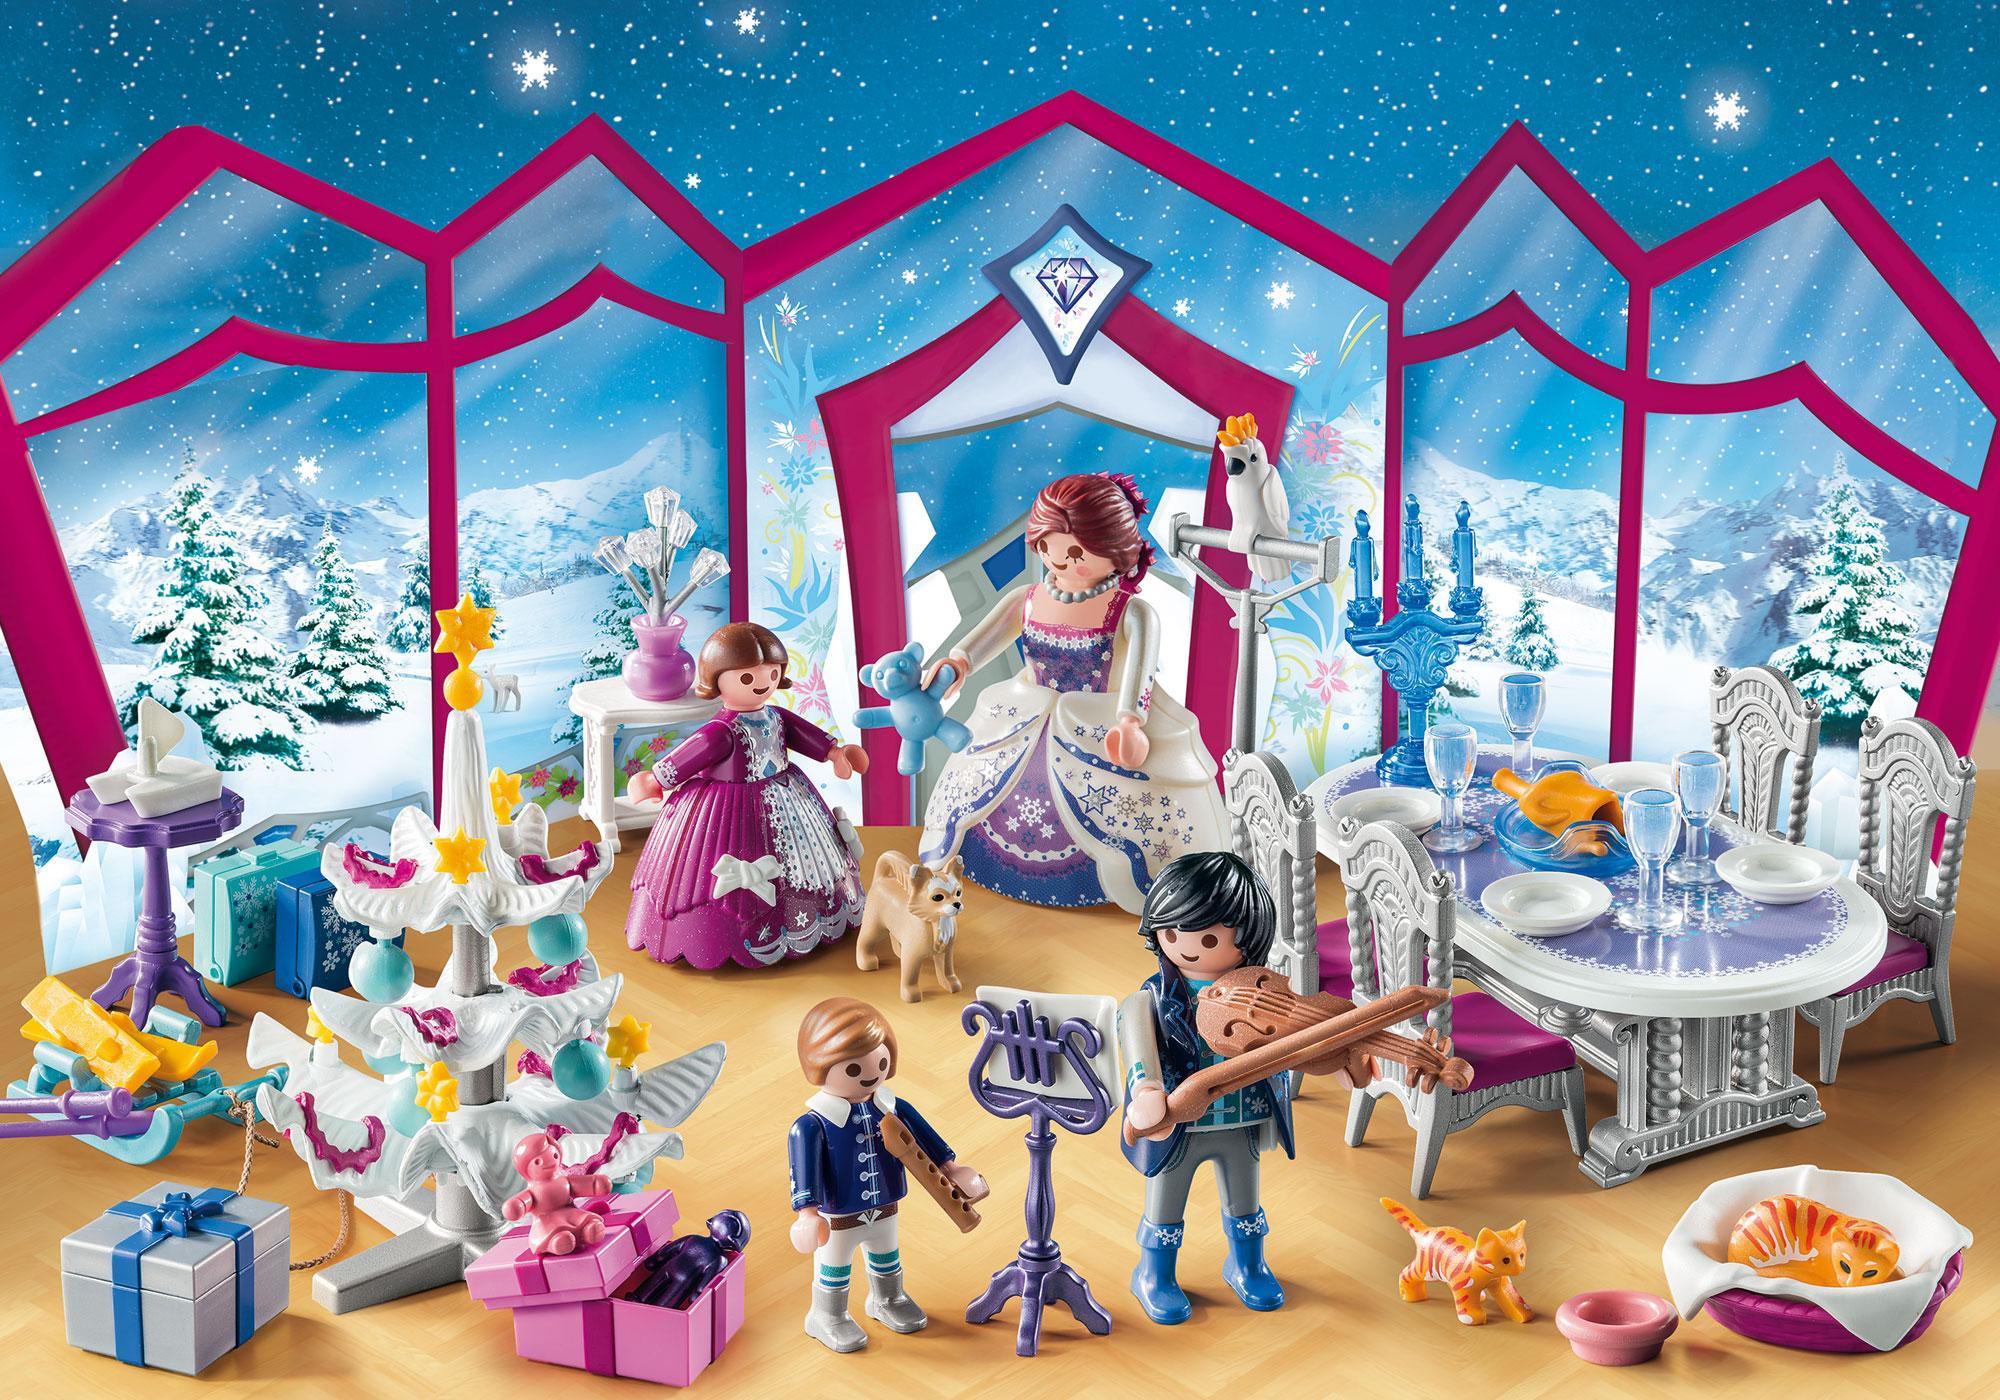 http://media.playmobil.com/i/playmobil/9485_product_extra1/Adventskalender 'Kerstfeest in het kristallen salon'